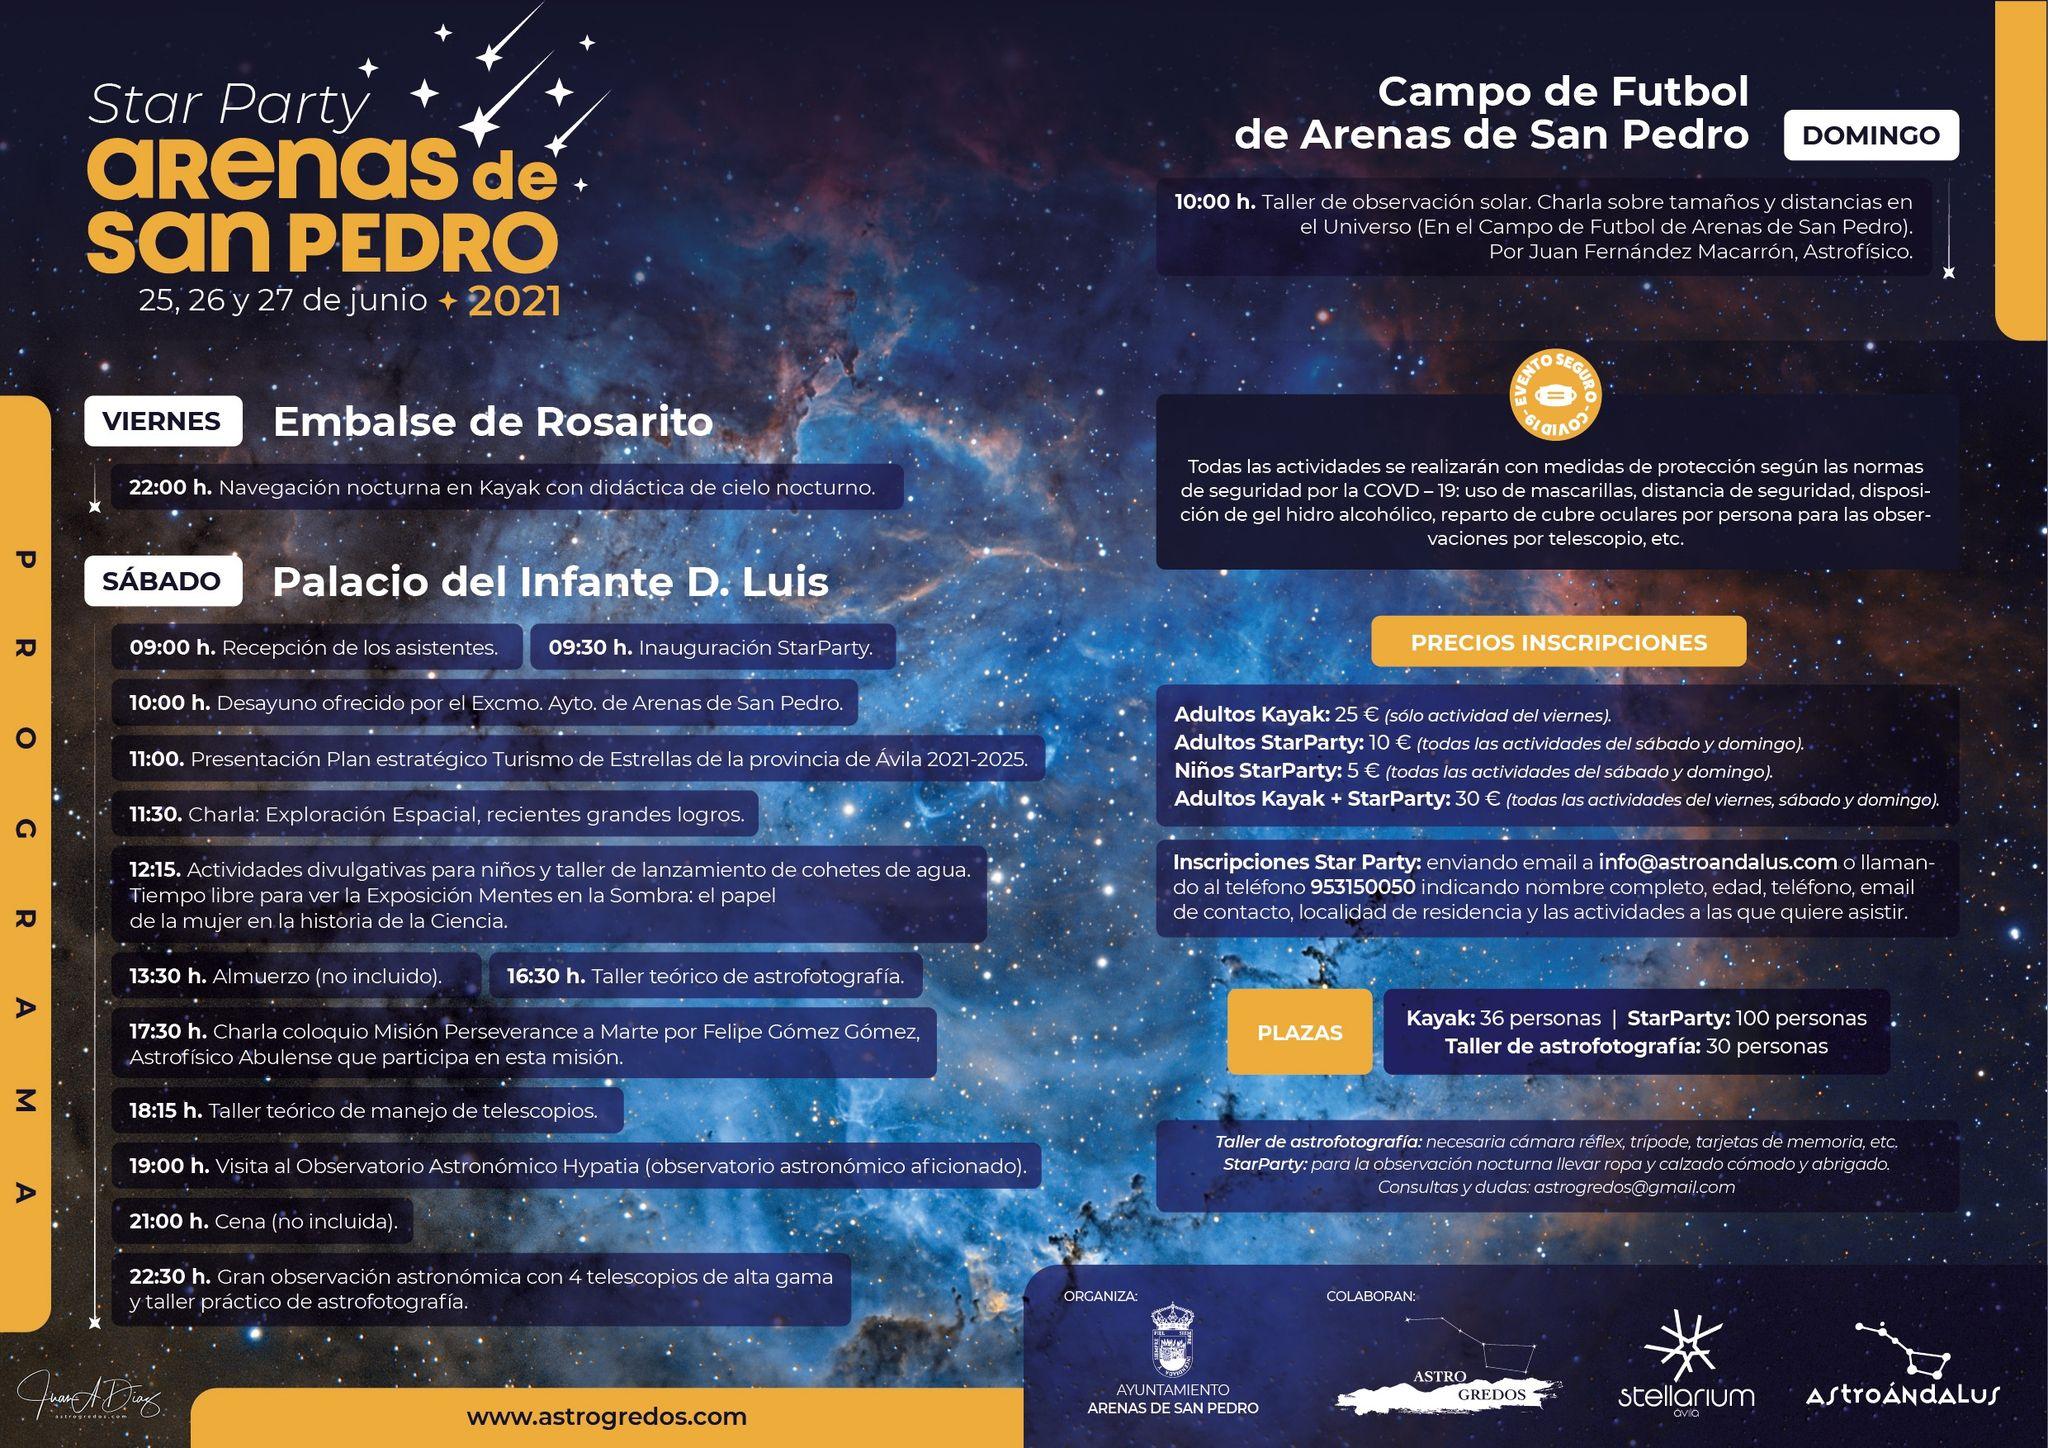 Star Party en Arenas de San Pedro